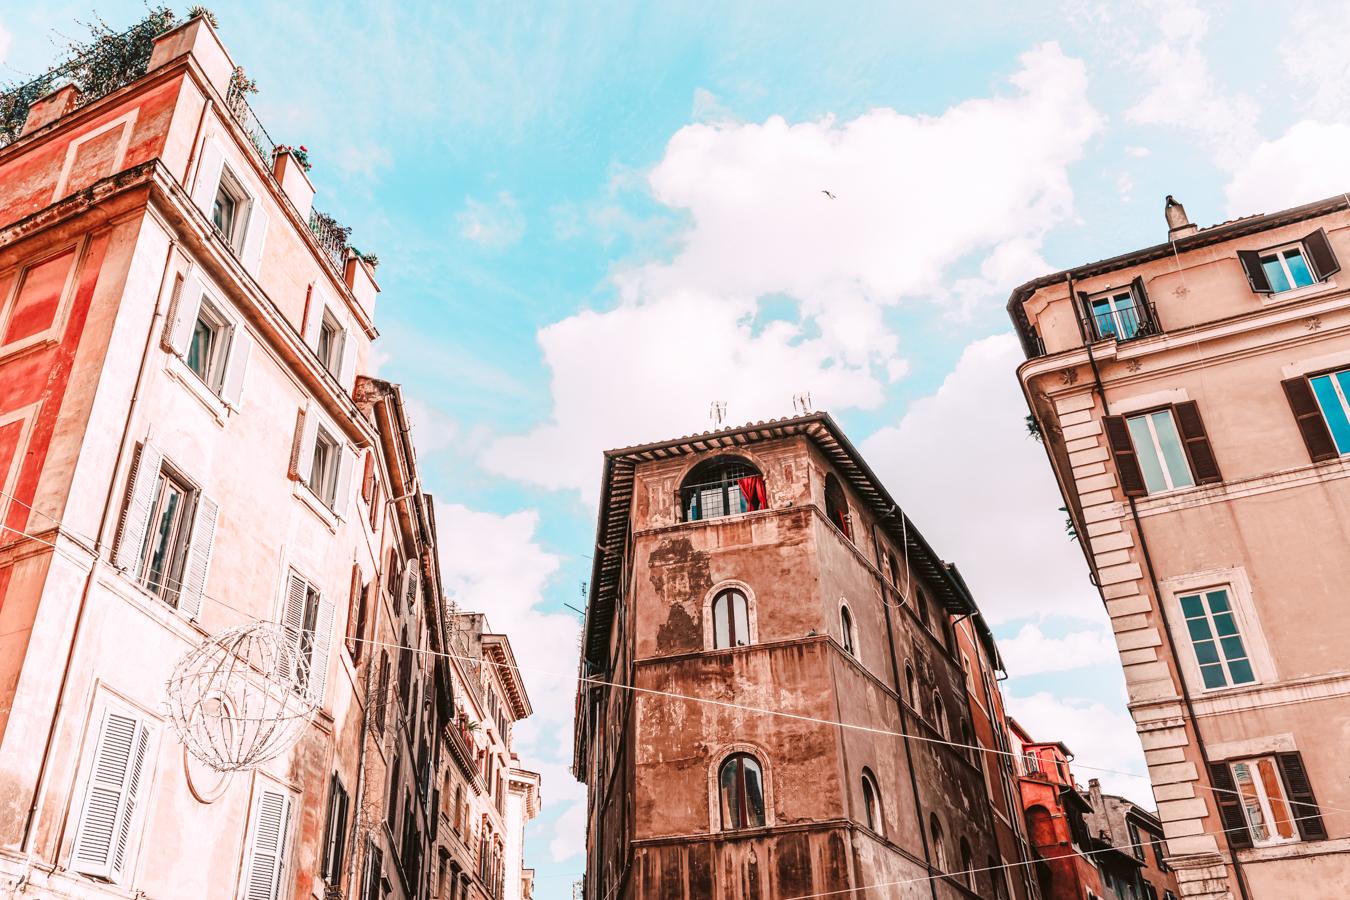 Beautiful buildings in the street Via dei Banchi Vecchi in Rome